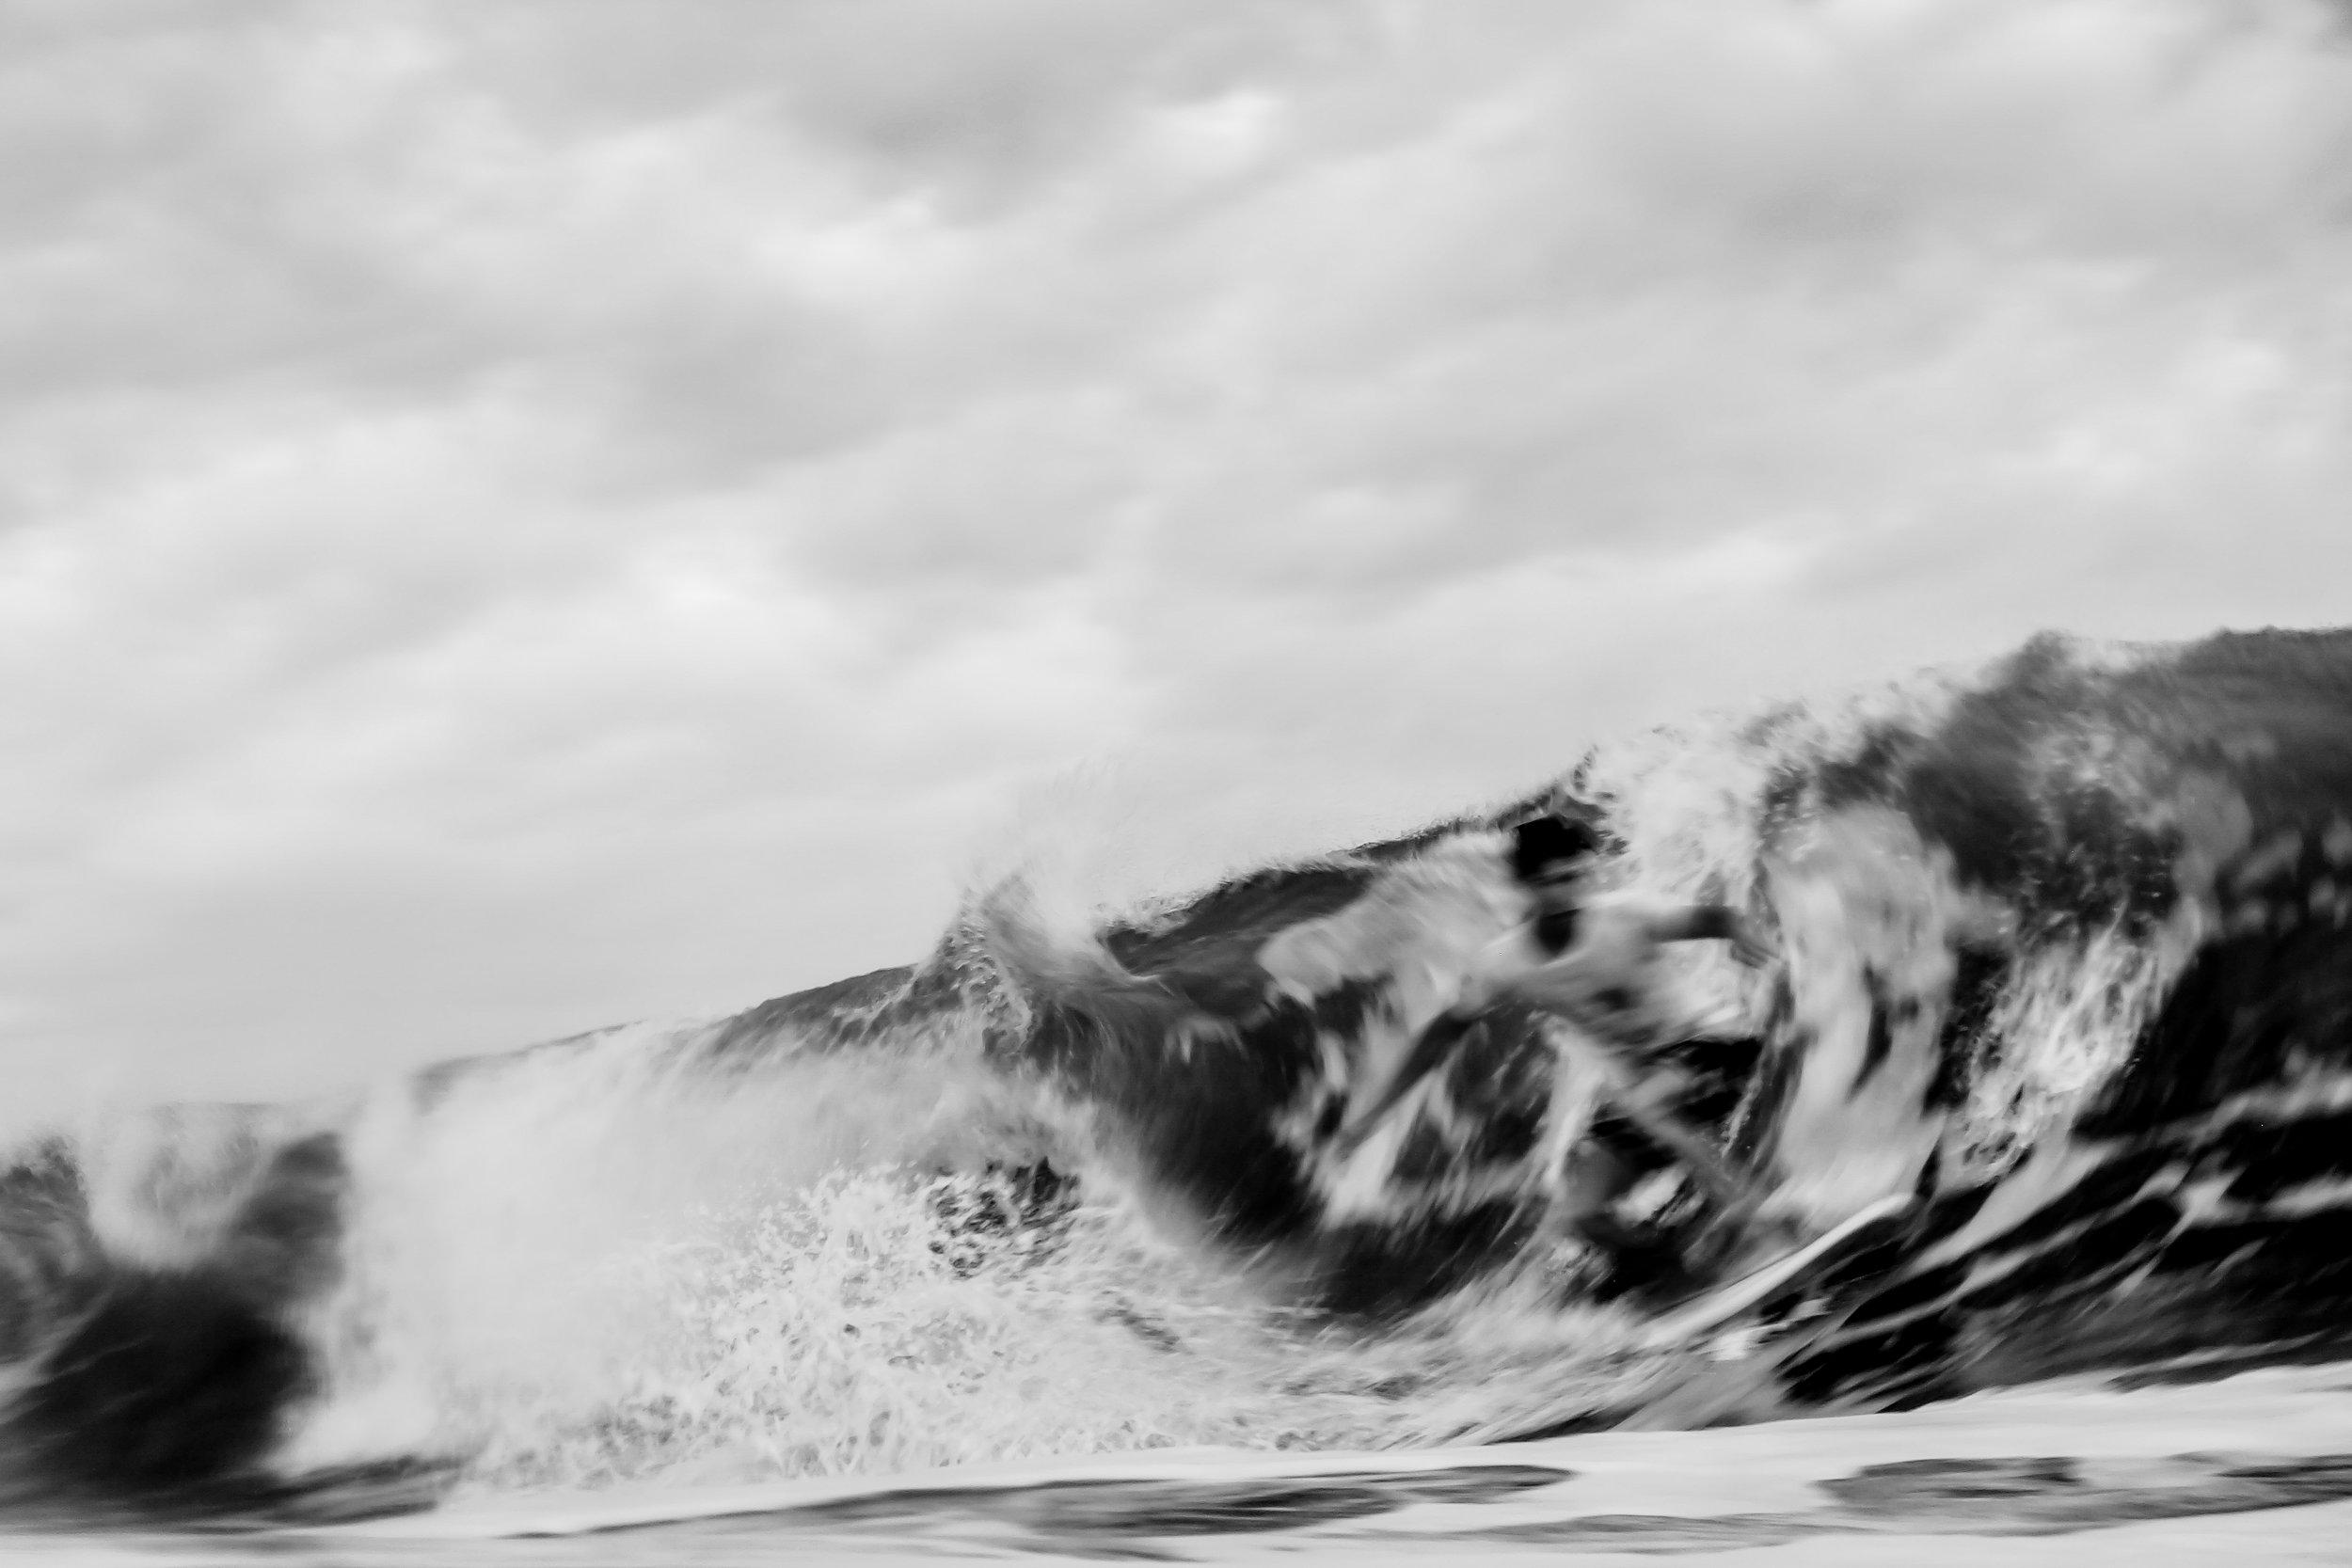 joseba_saltwater6.jpg